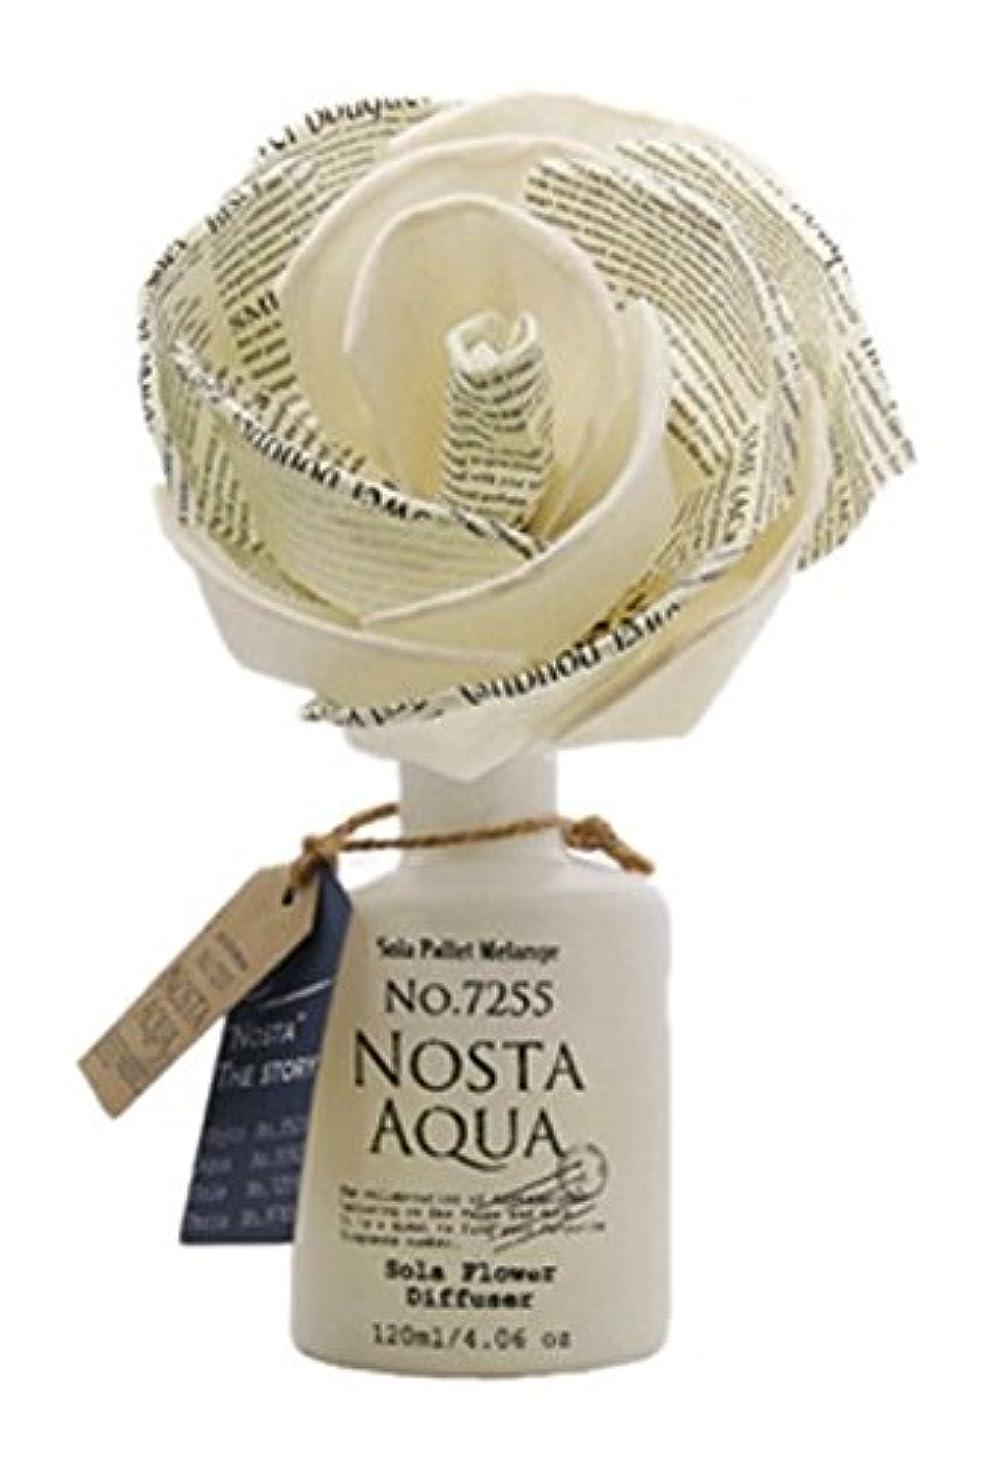 矩形抜本的な神話Nosta ノスタ Solaflower Diffuser ソラフラワーディフューザー Aqua アクア/生命の起源